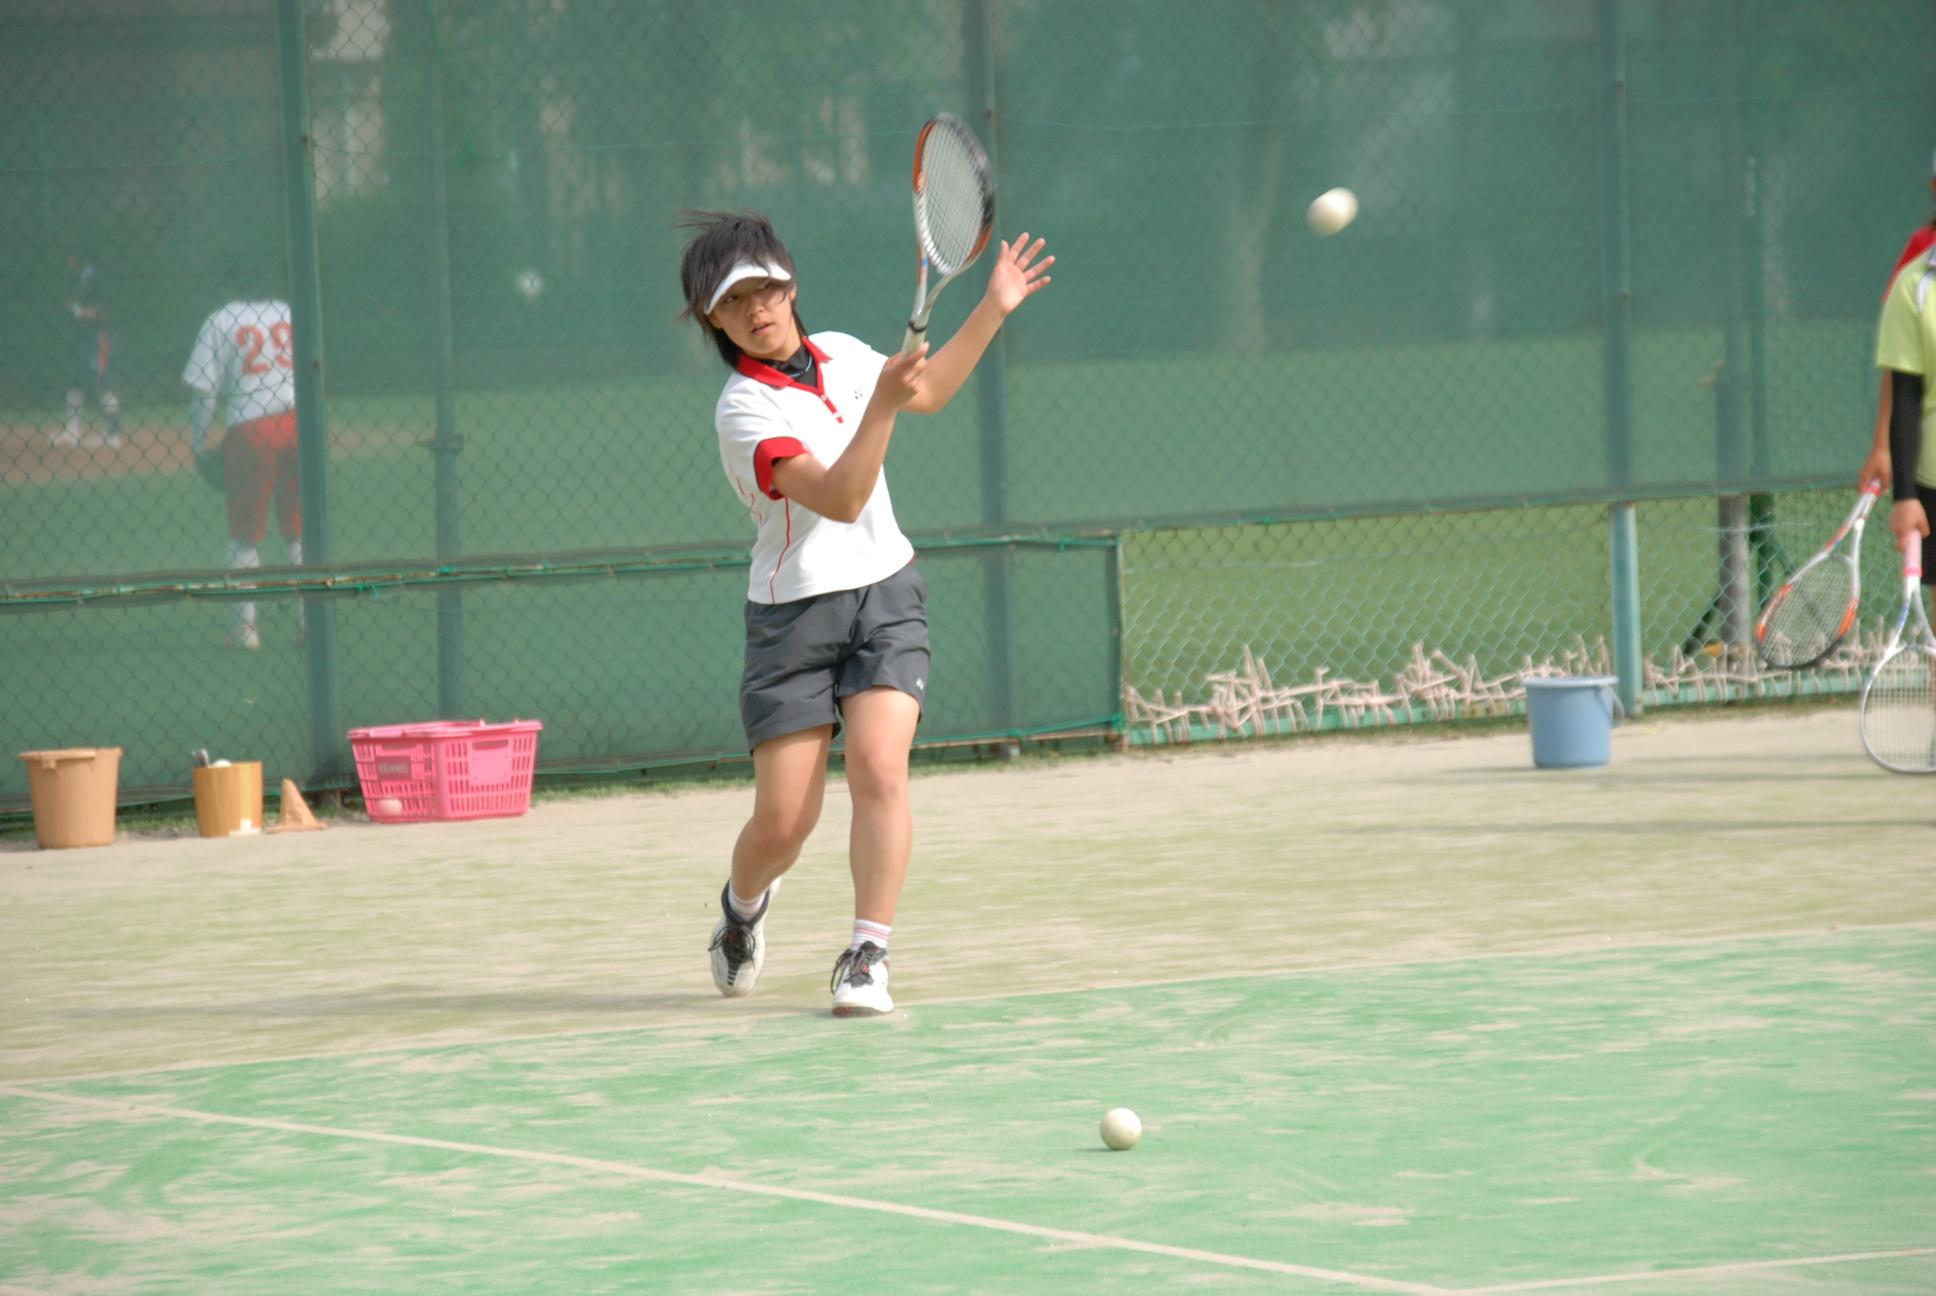 ソフトテニスの画像 p1_37